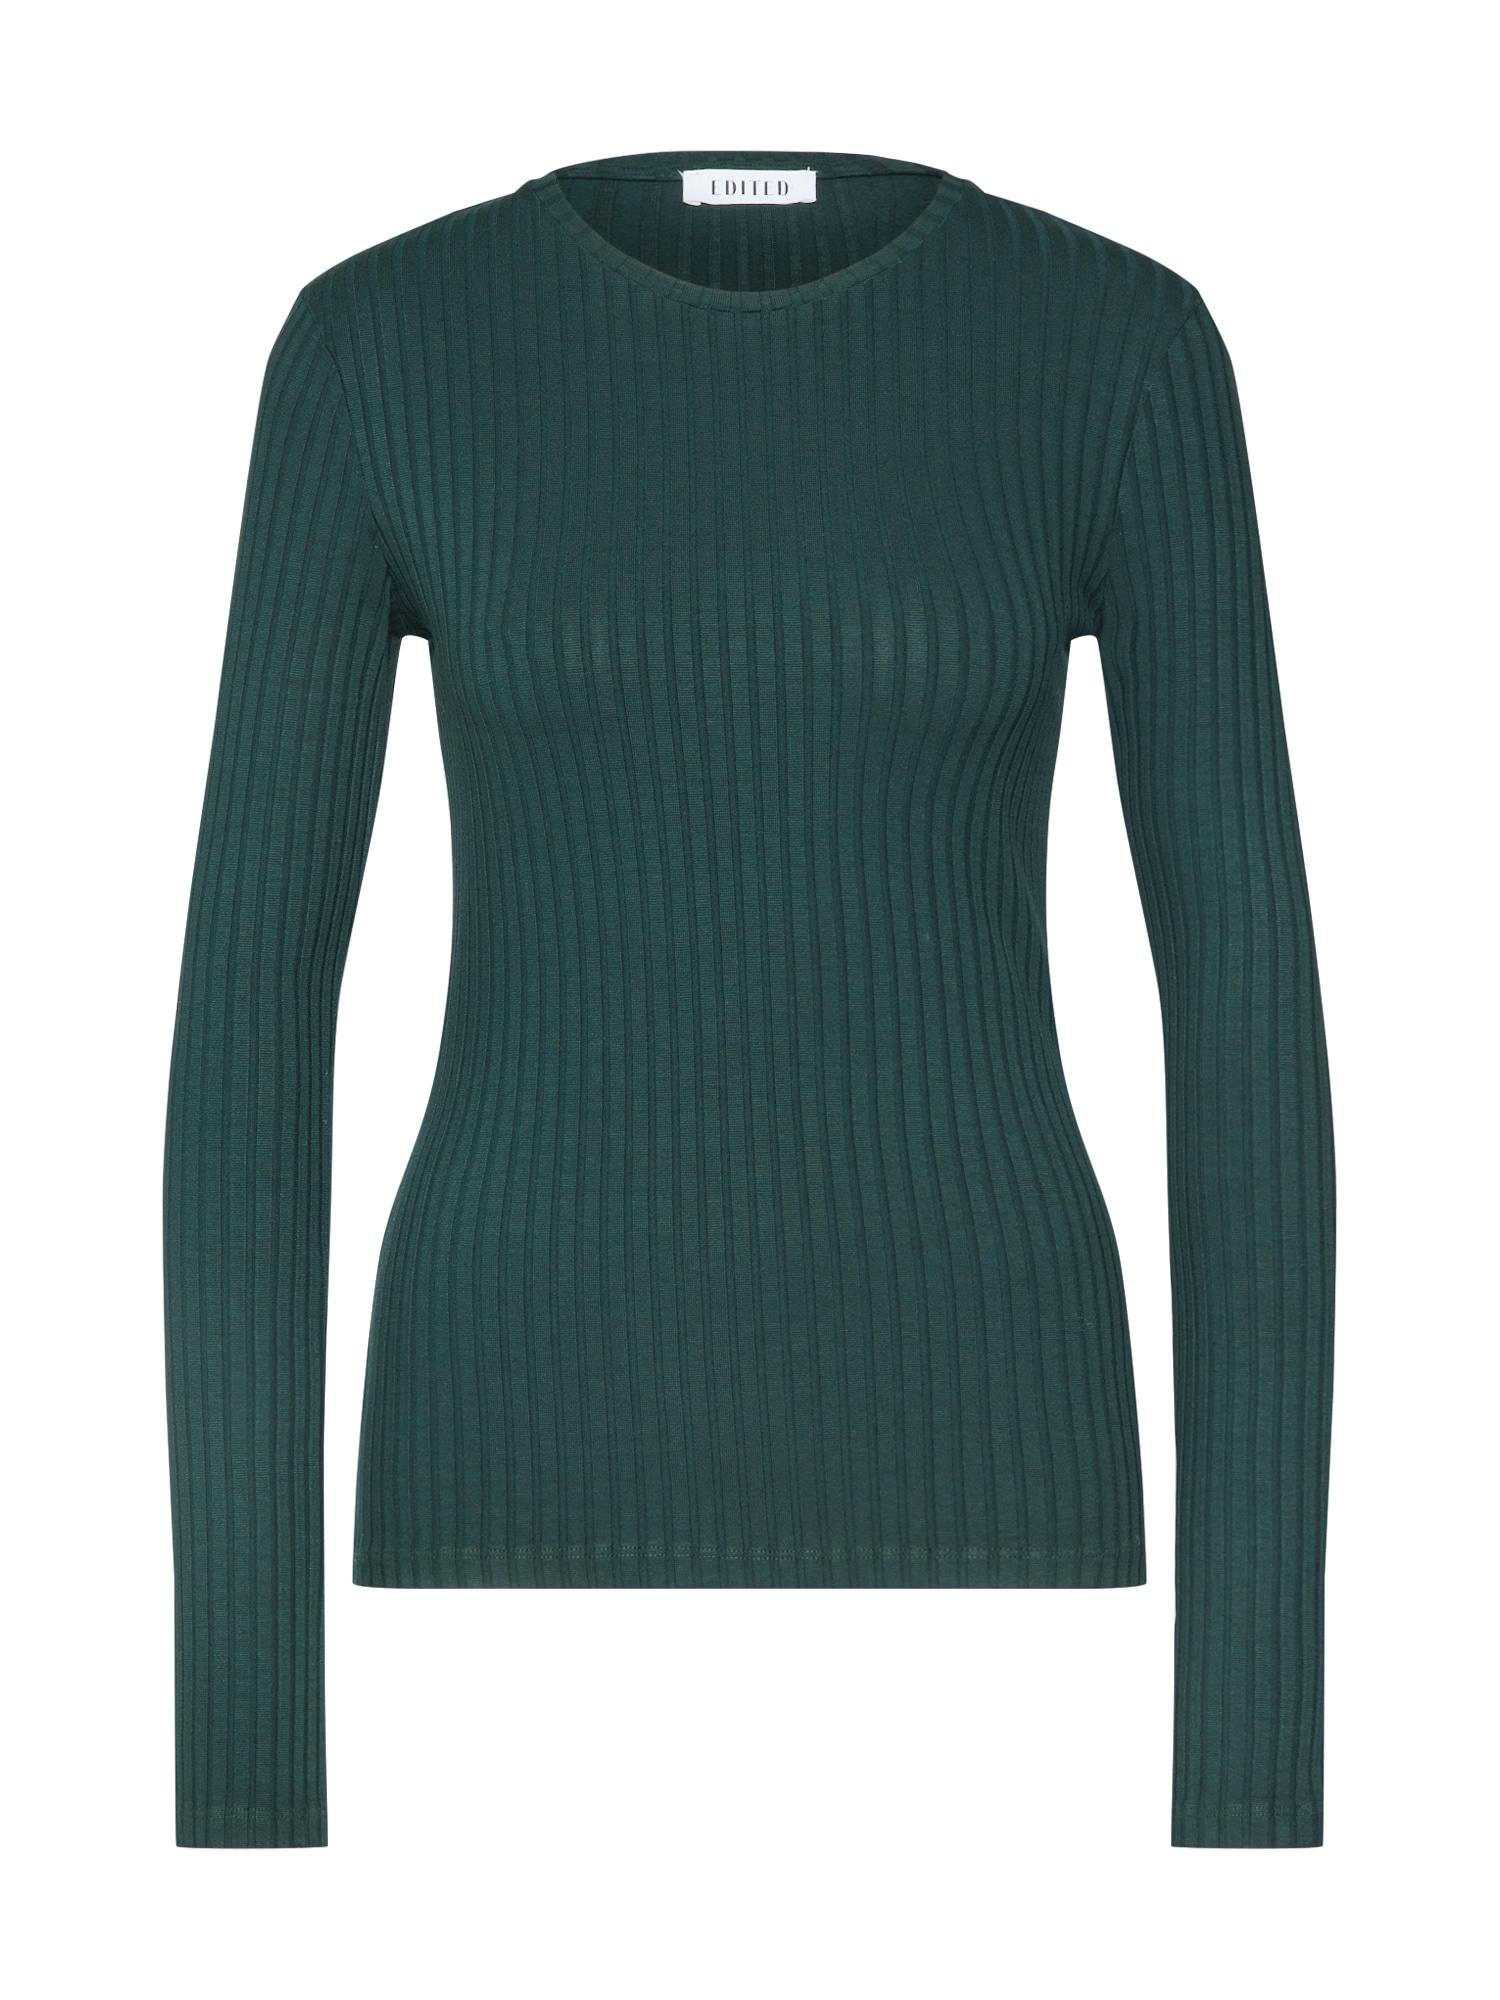 EDITED Marškinėliai 'Ginger' žalia